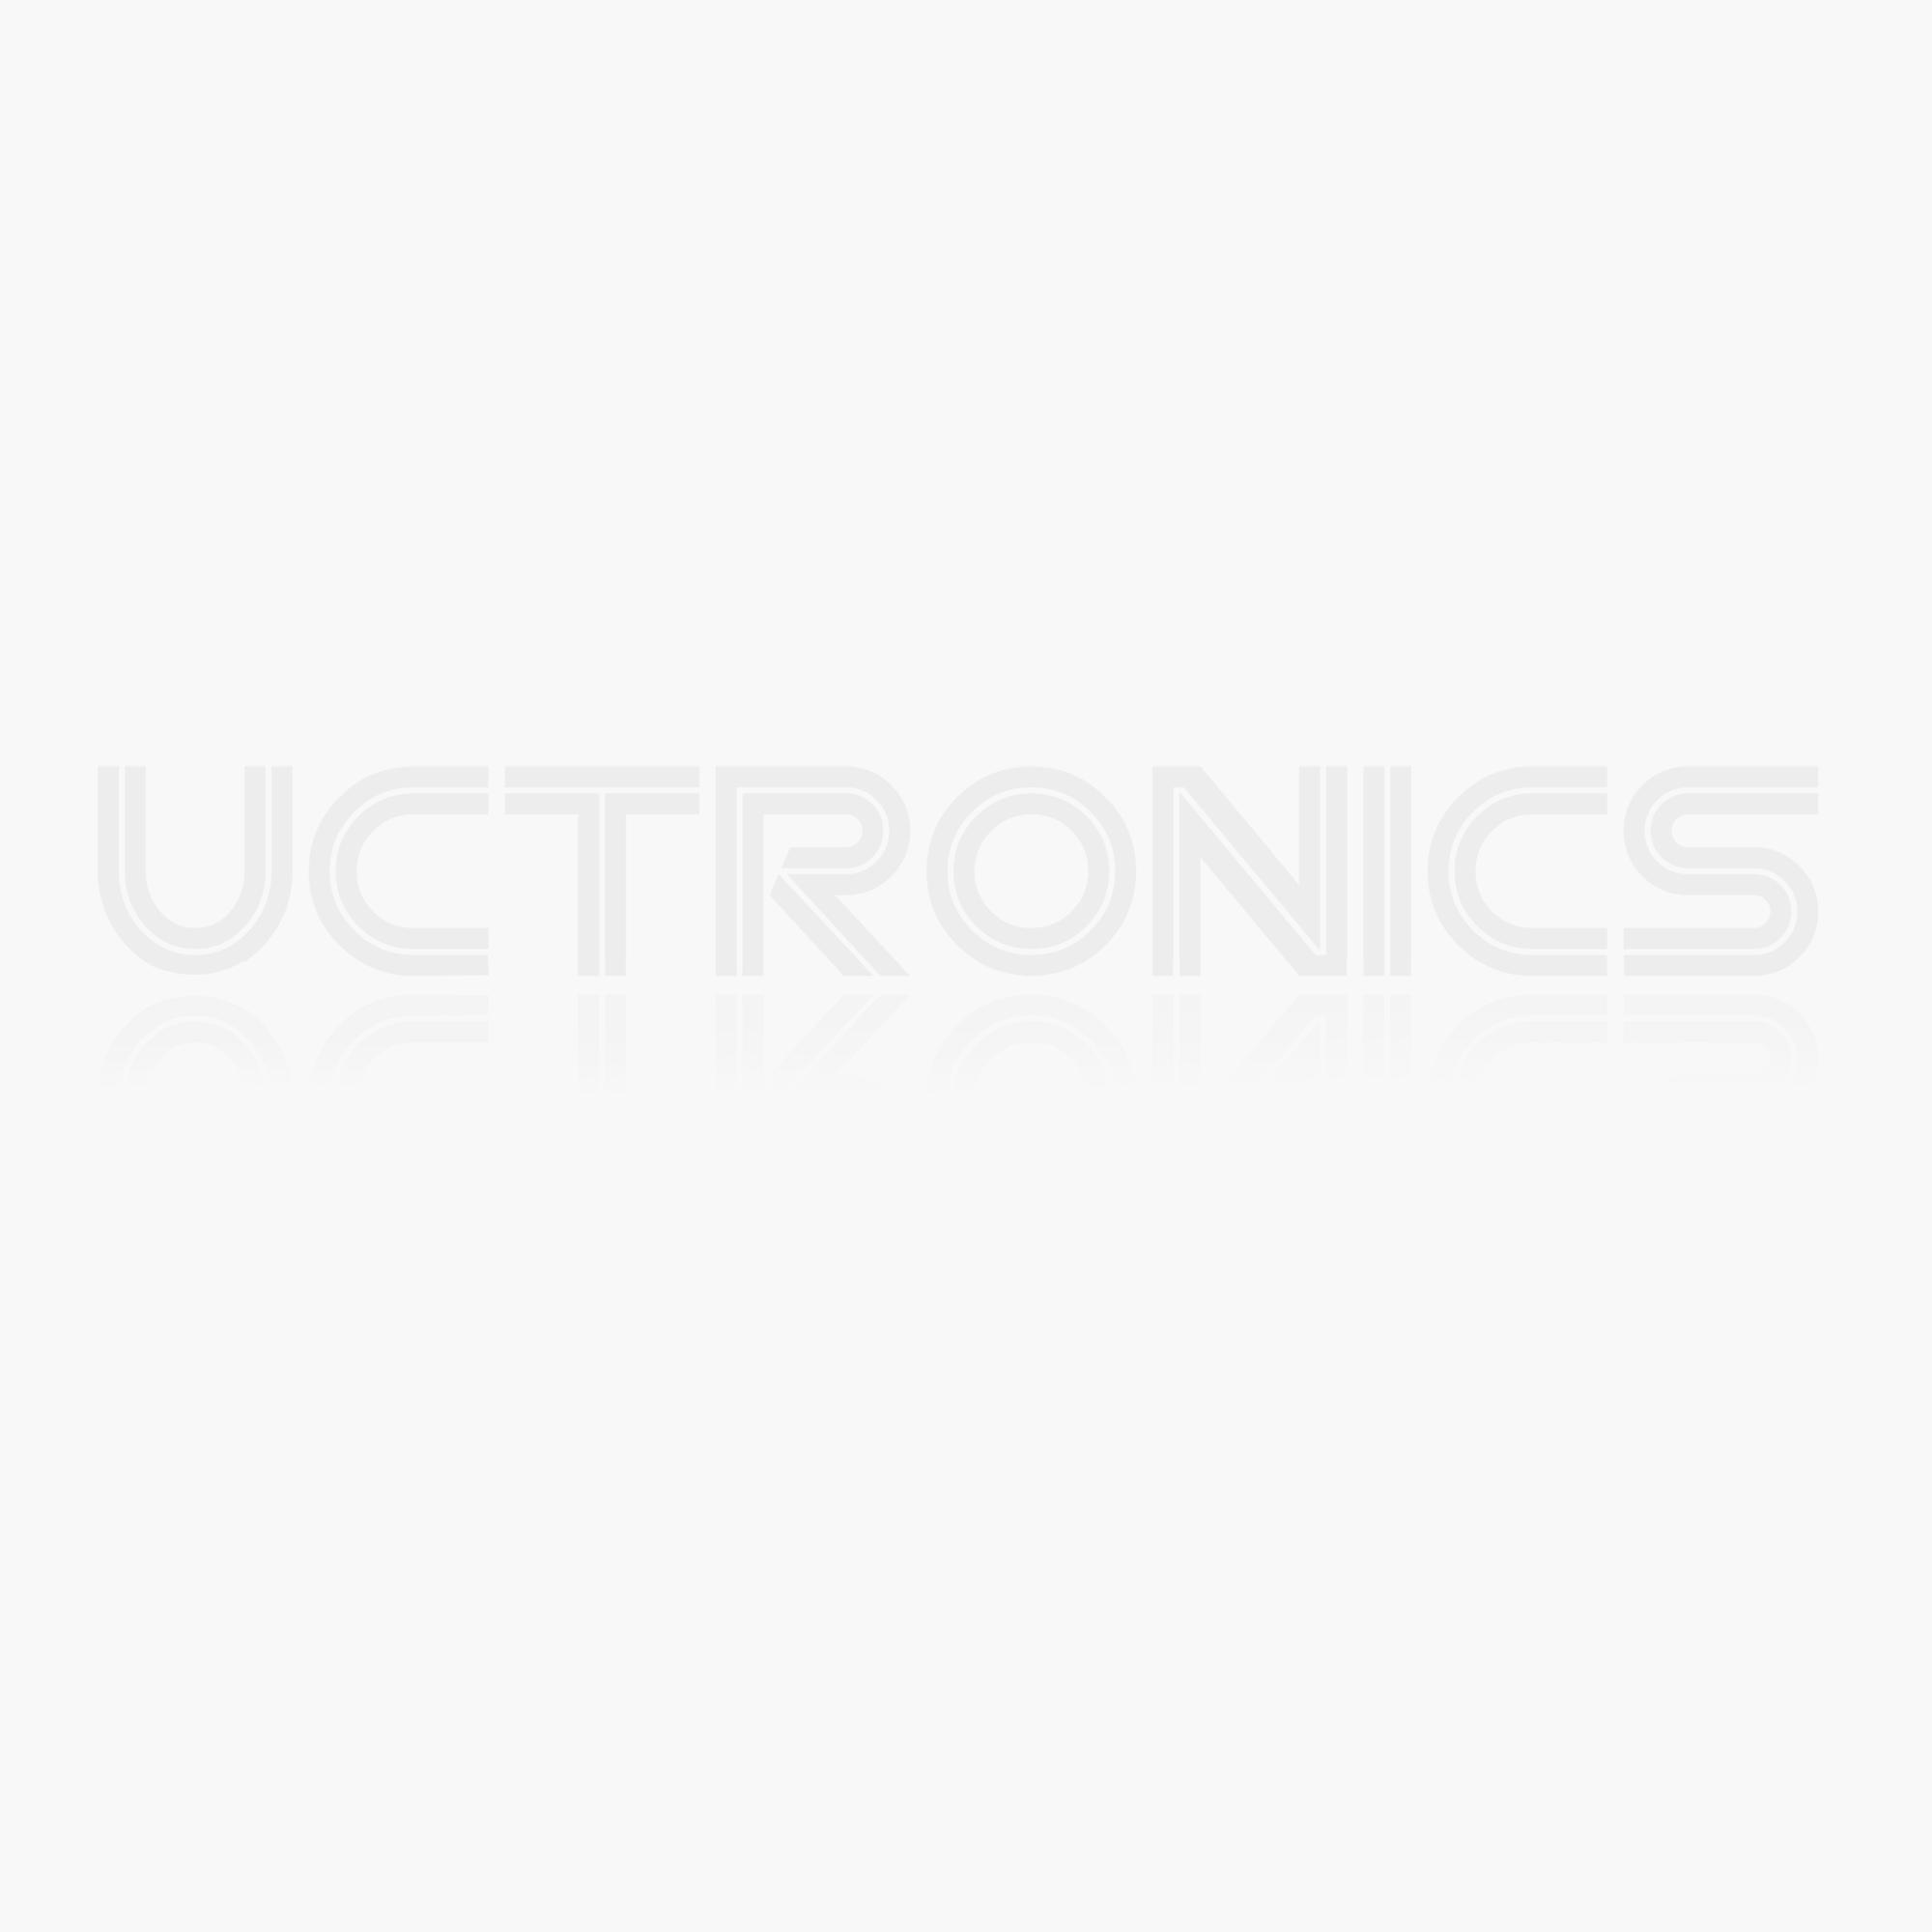 LM386 Chip 20 Gain Audio Amplifier Module - Tmart